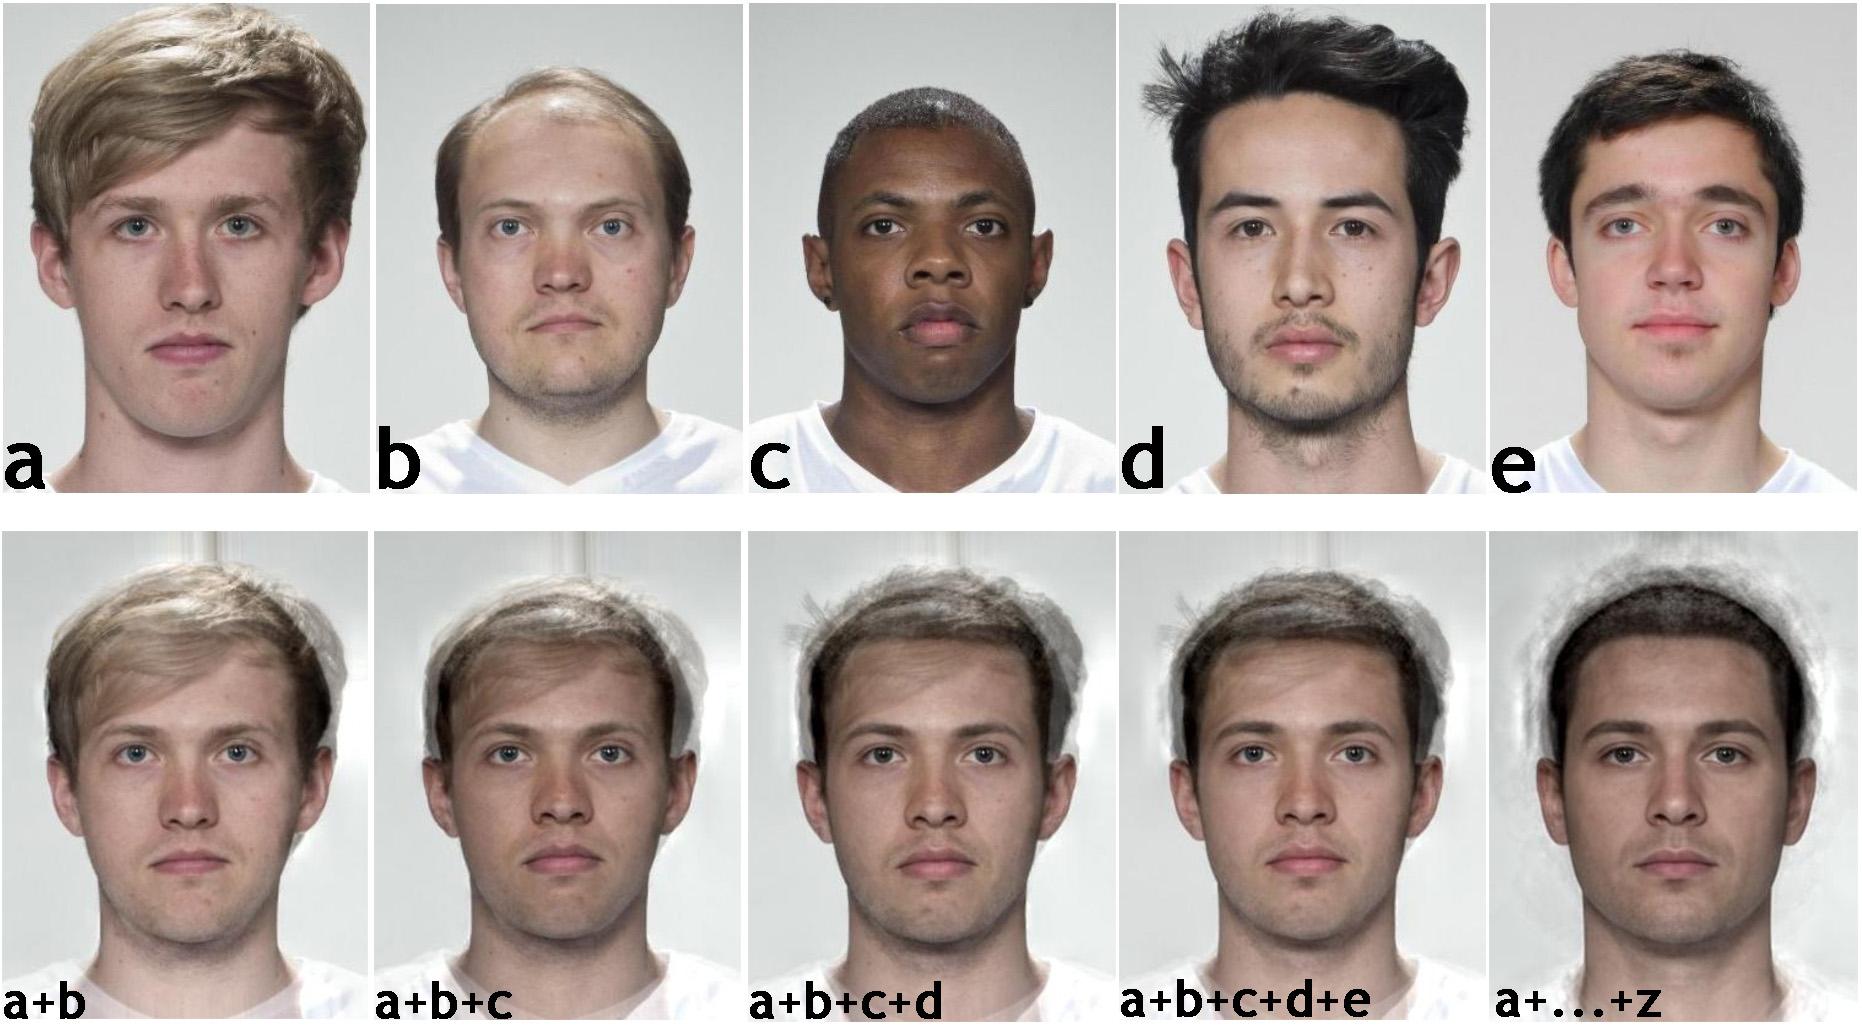 percepción belleza varones media algoritmo